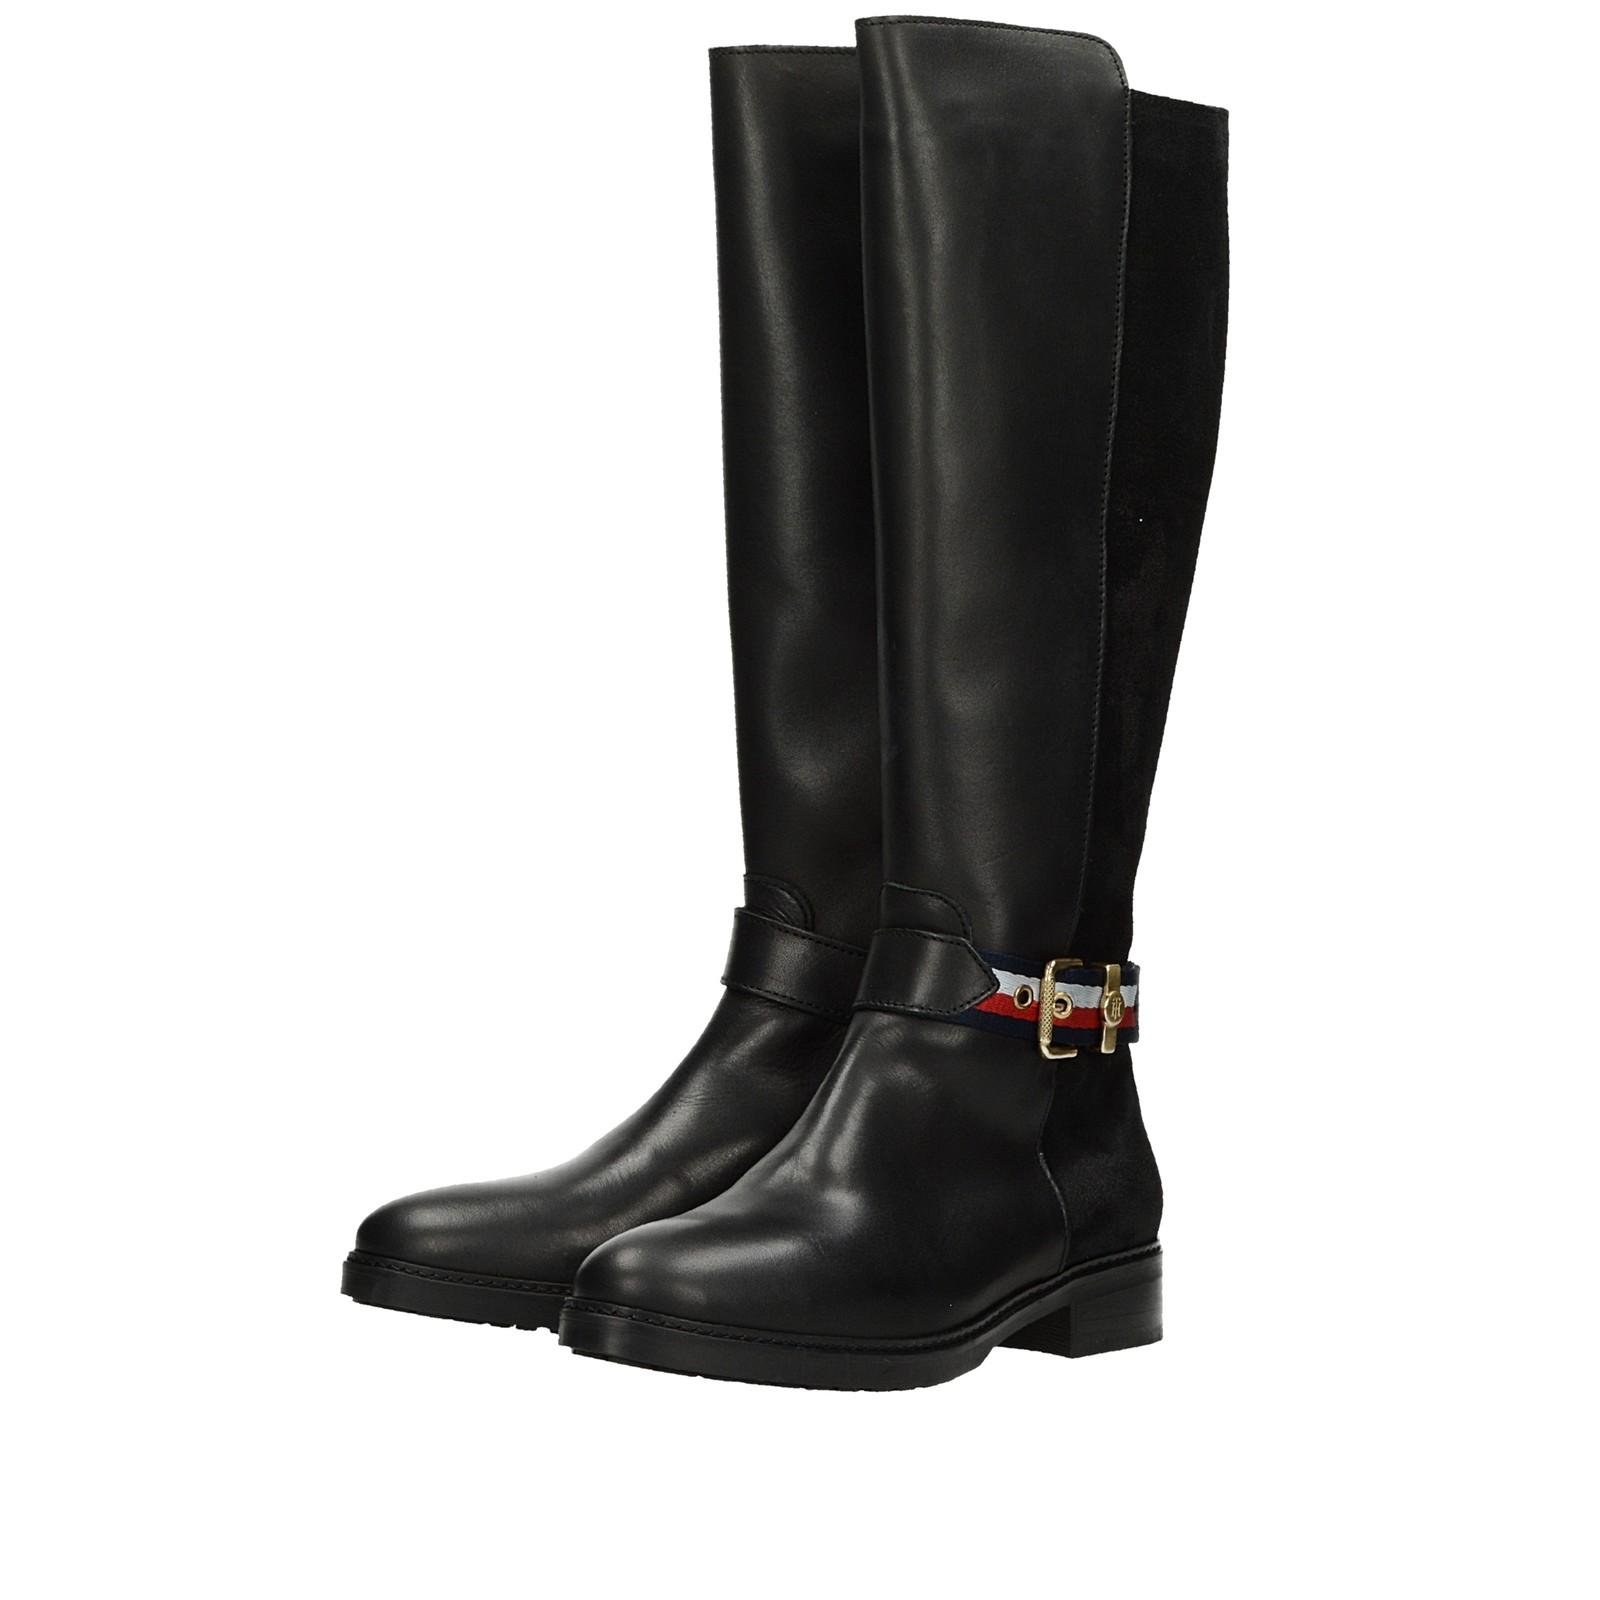 0128532c49 ... Tommy Hilfiger dámske kožené vysoké čižmy - čierne ...